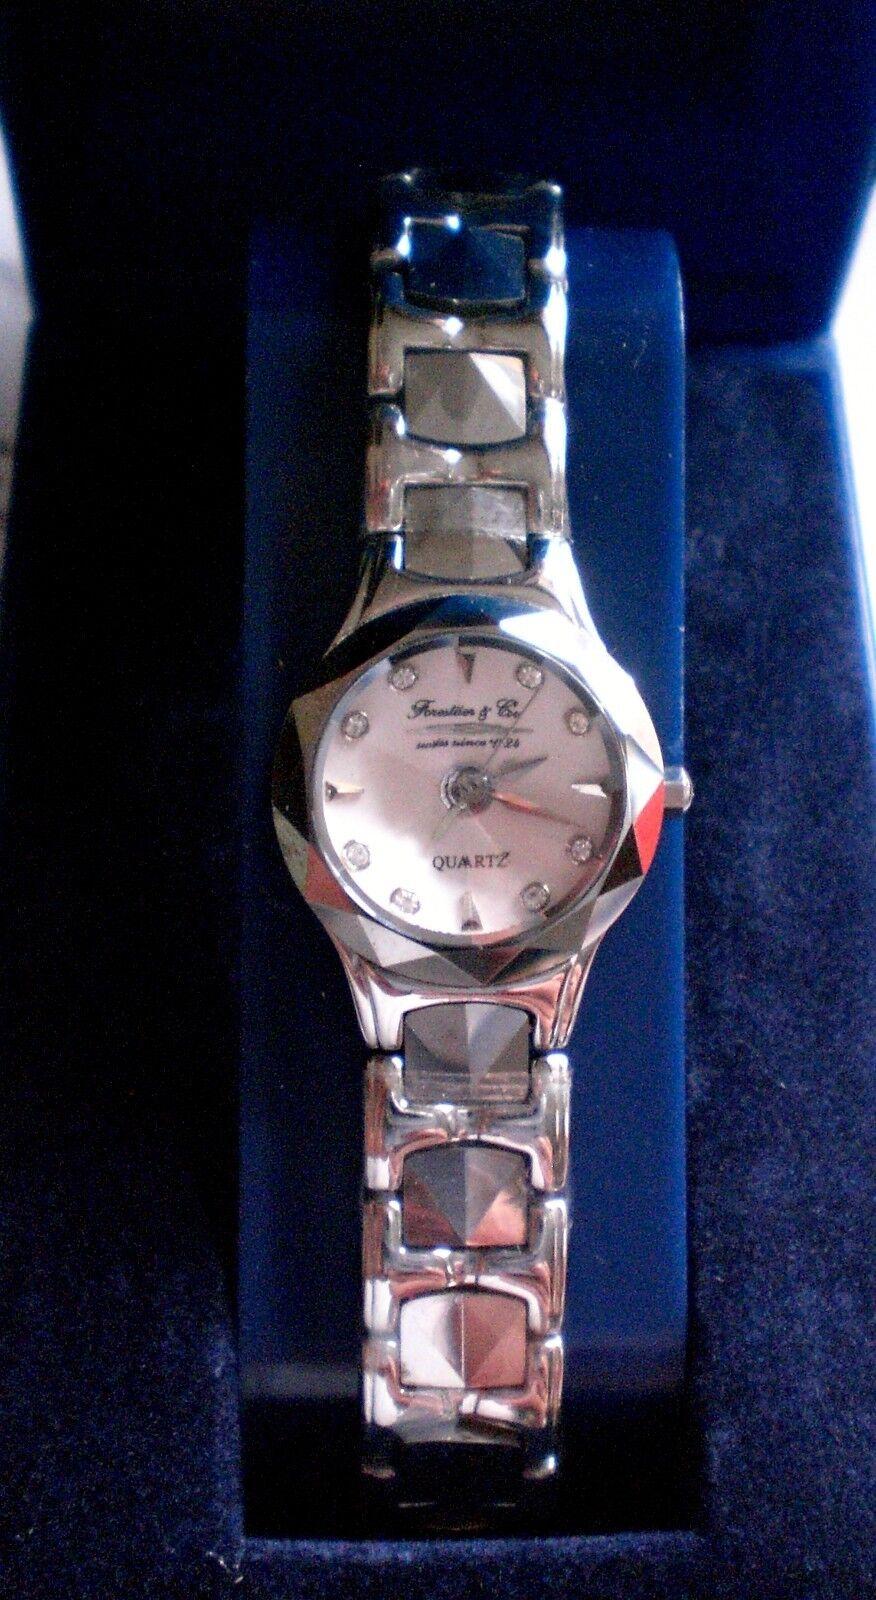 Forestier & Cie. - Schweizer Uhr, Damenuhr mit Prisma- Glas -NEU-